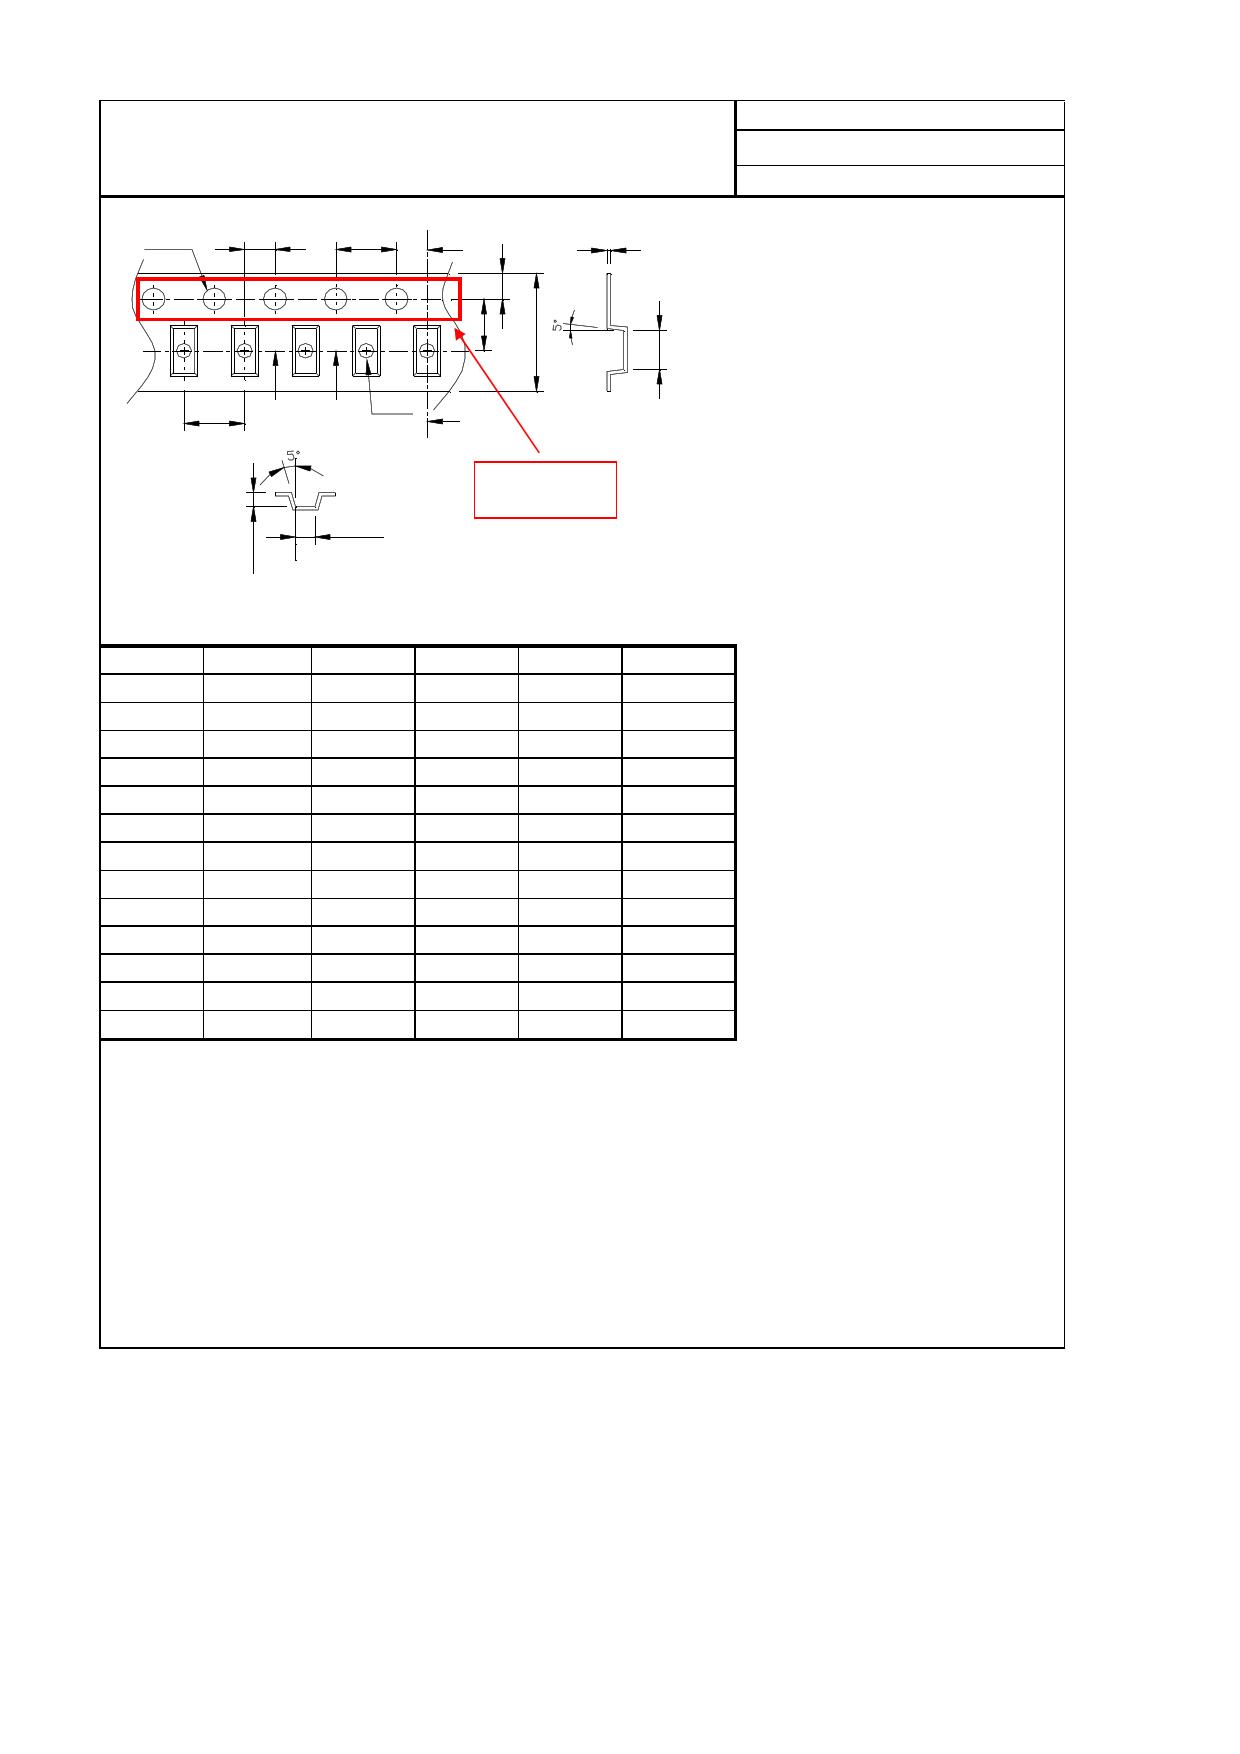 LUMBF220 電子部品, 半導体